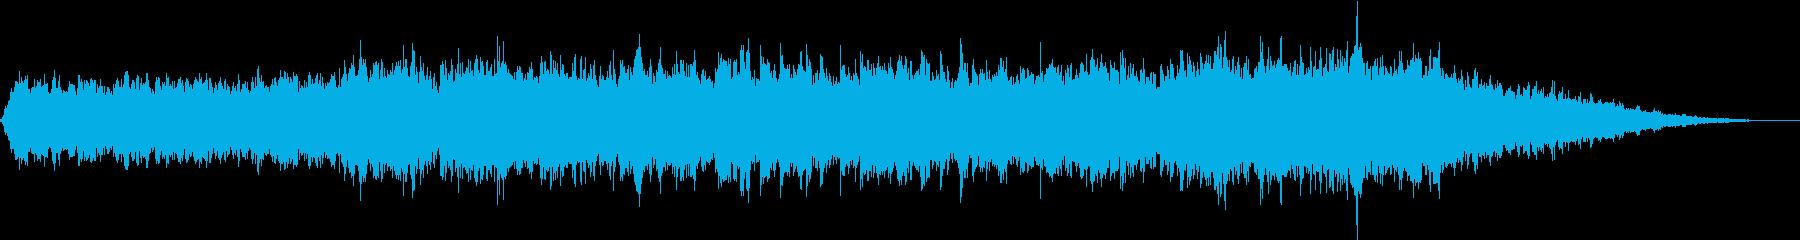 ピアノと壮大なシンセの感動的なバラード5の再生済みの波形